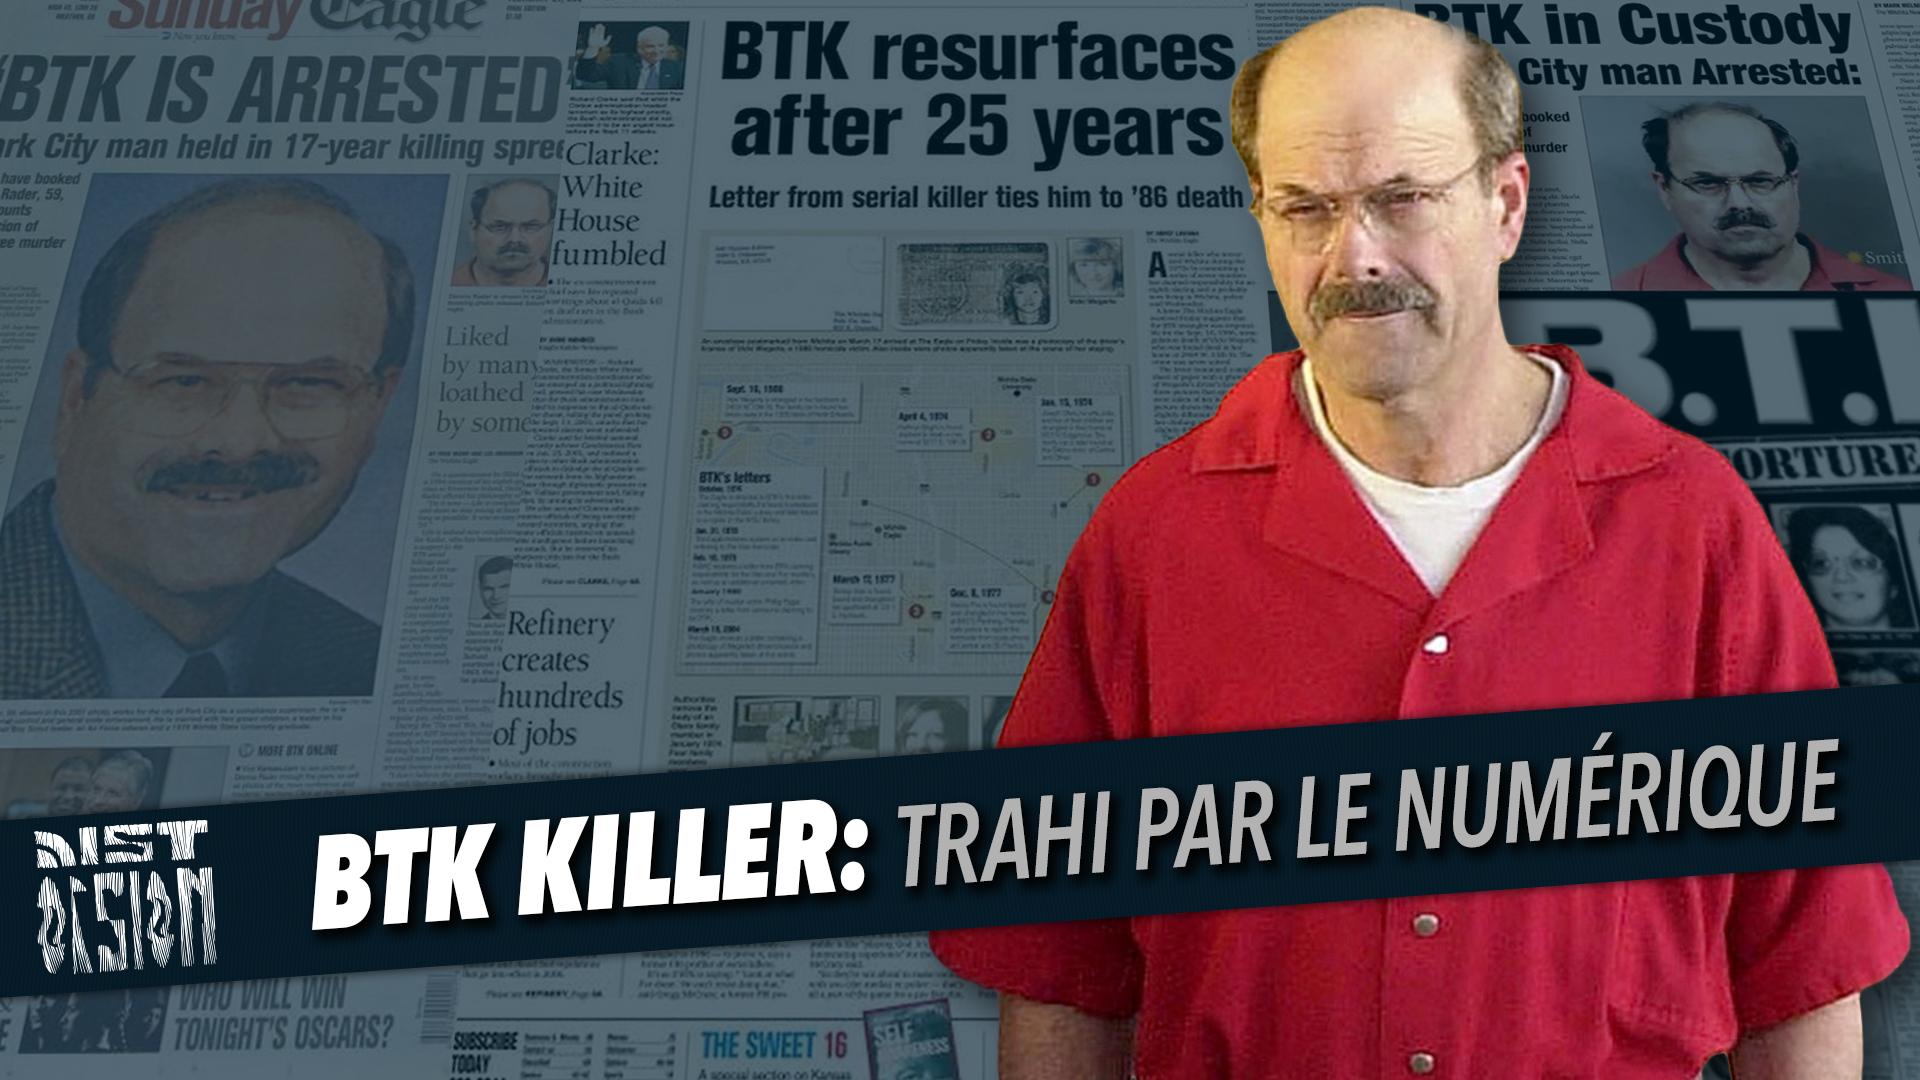 BTK Killer - Trahi par le numérique